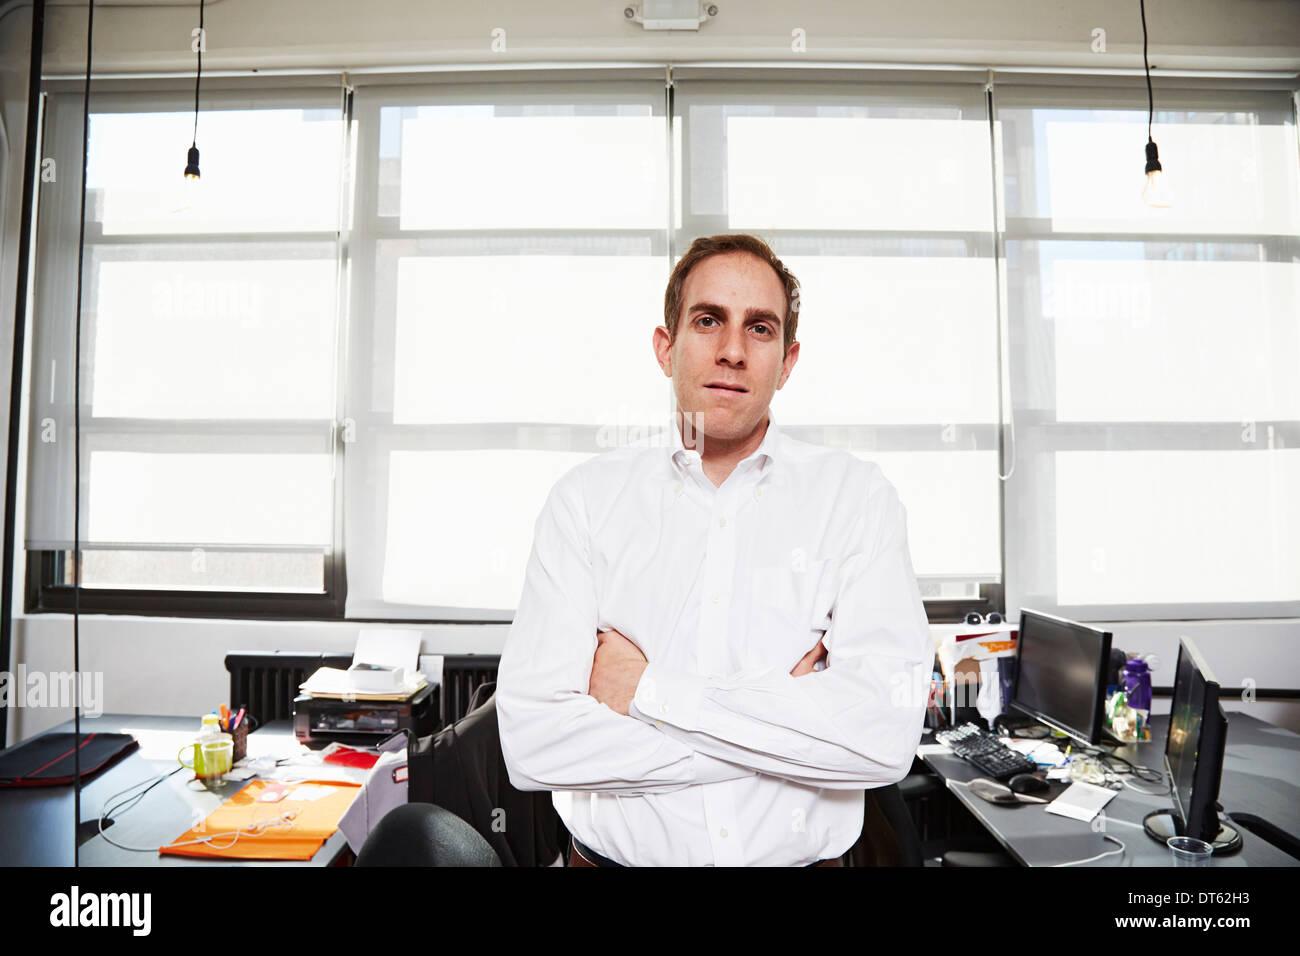 A mediados adulto hombre vestido con camisa blanca en Office Imagen De Stock